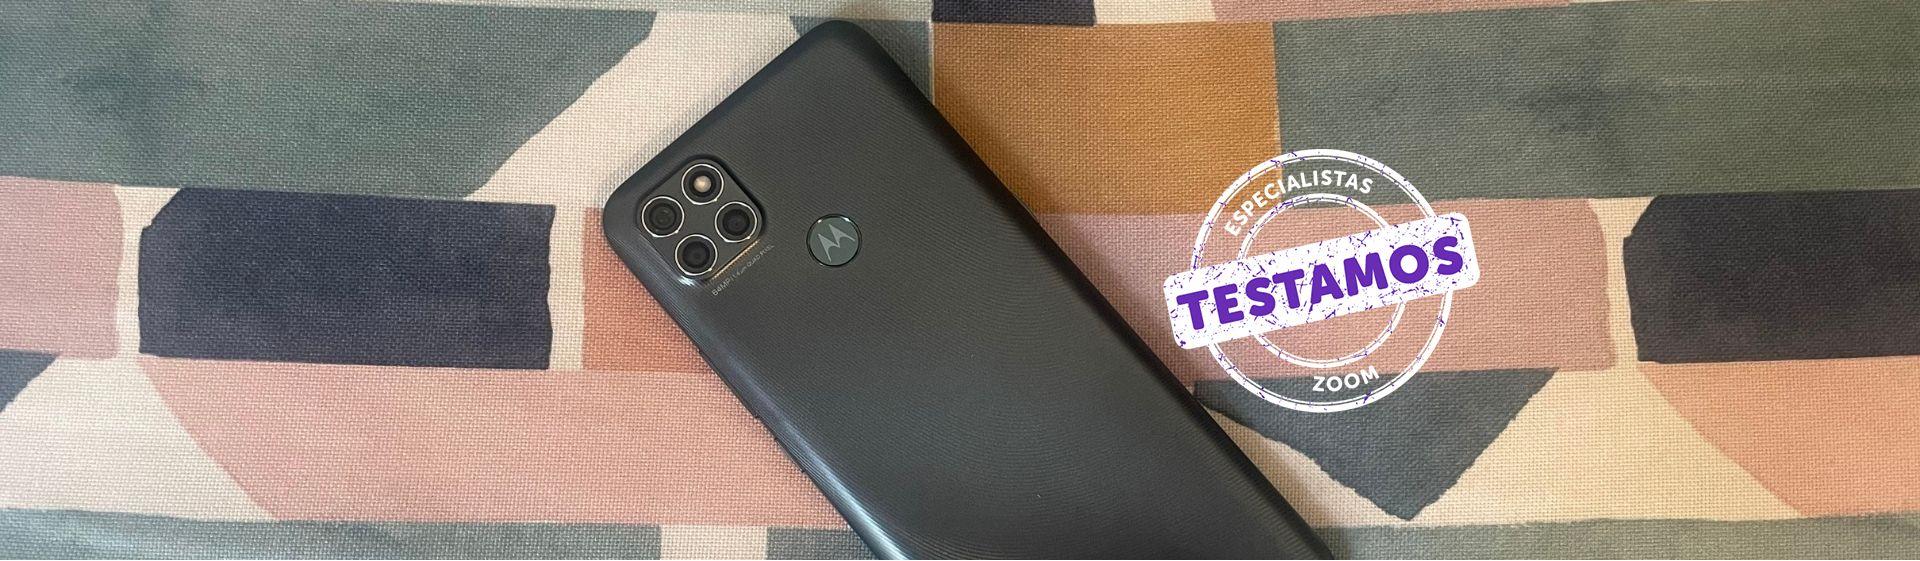 Moto G9 Power: um celular Motorola de tela grande com ótima bateria